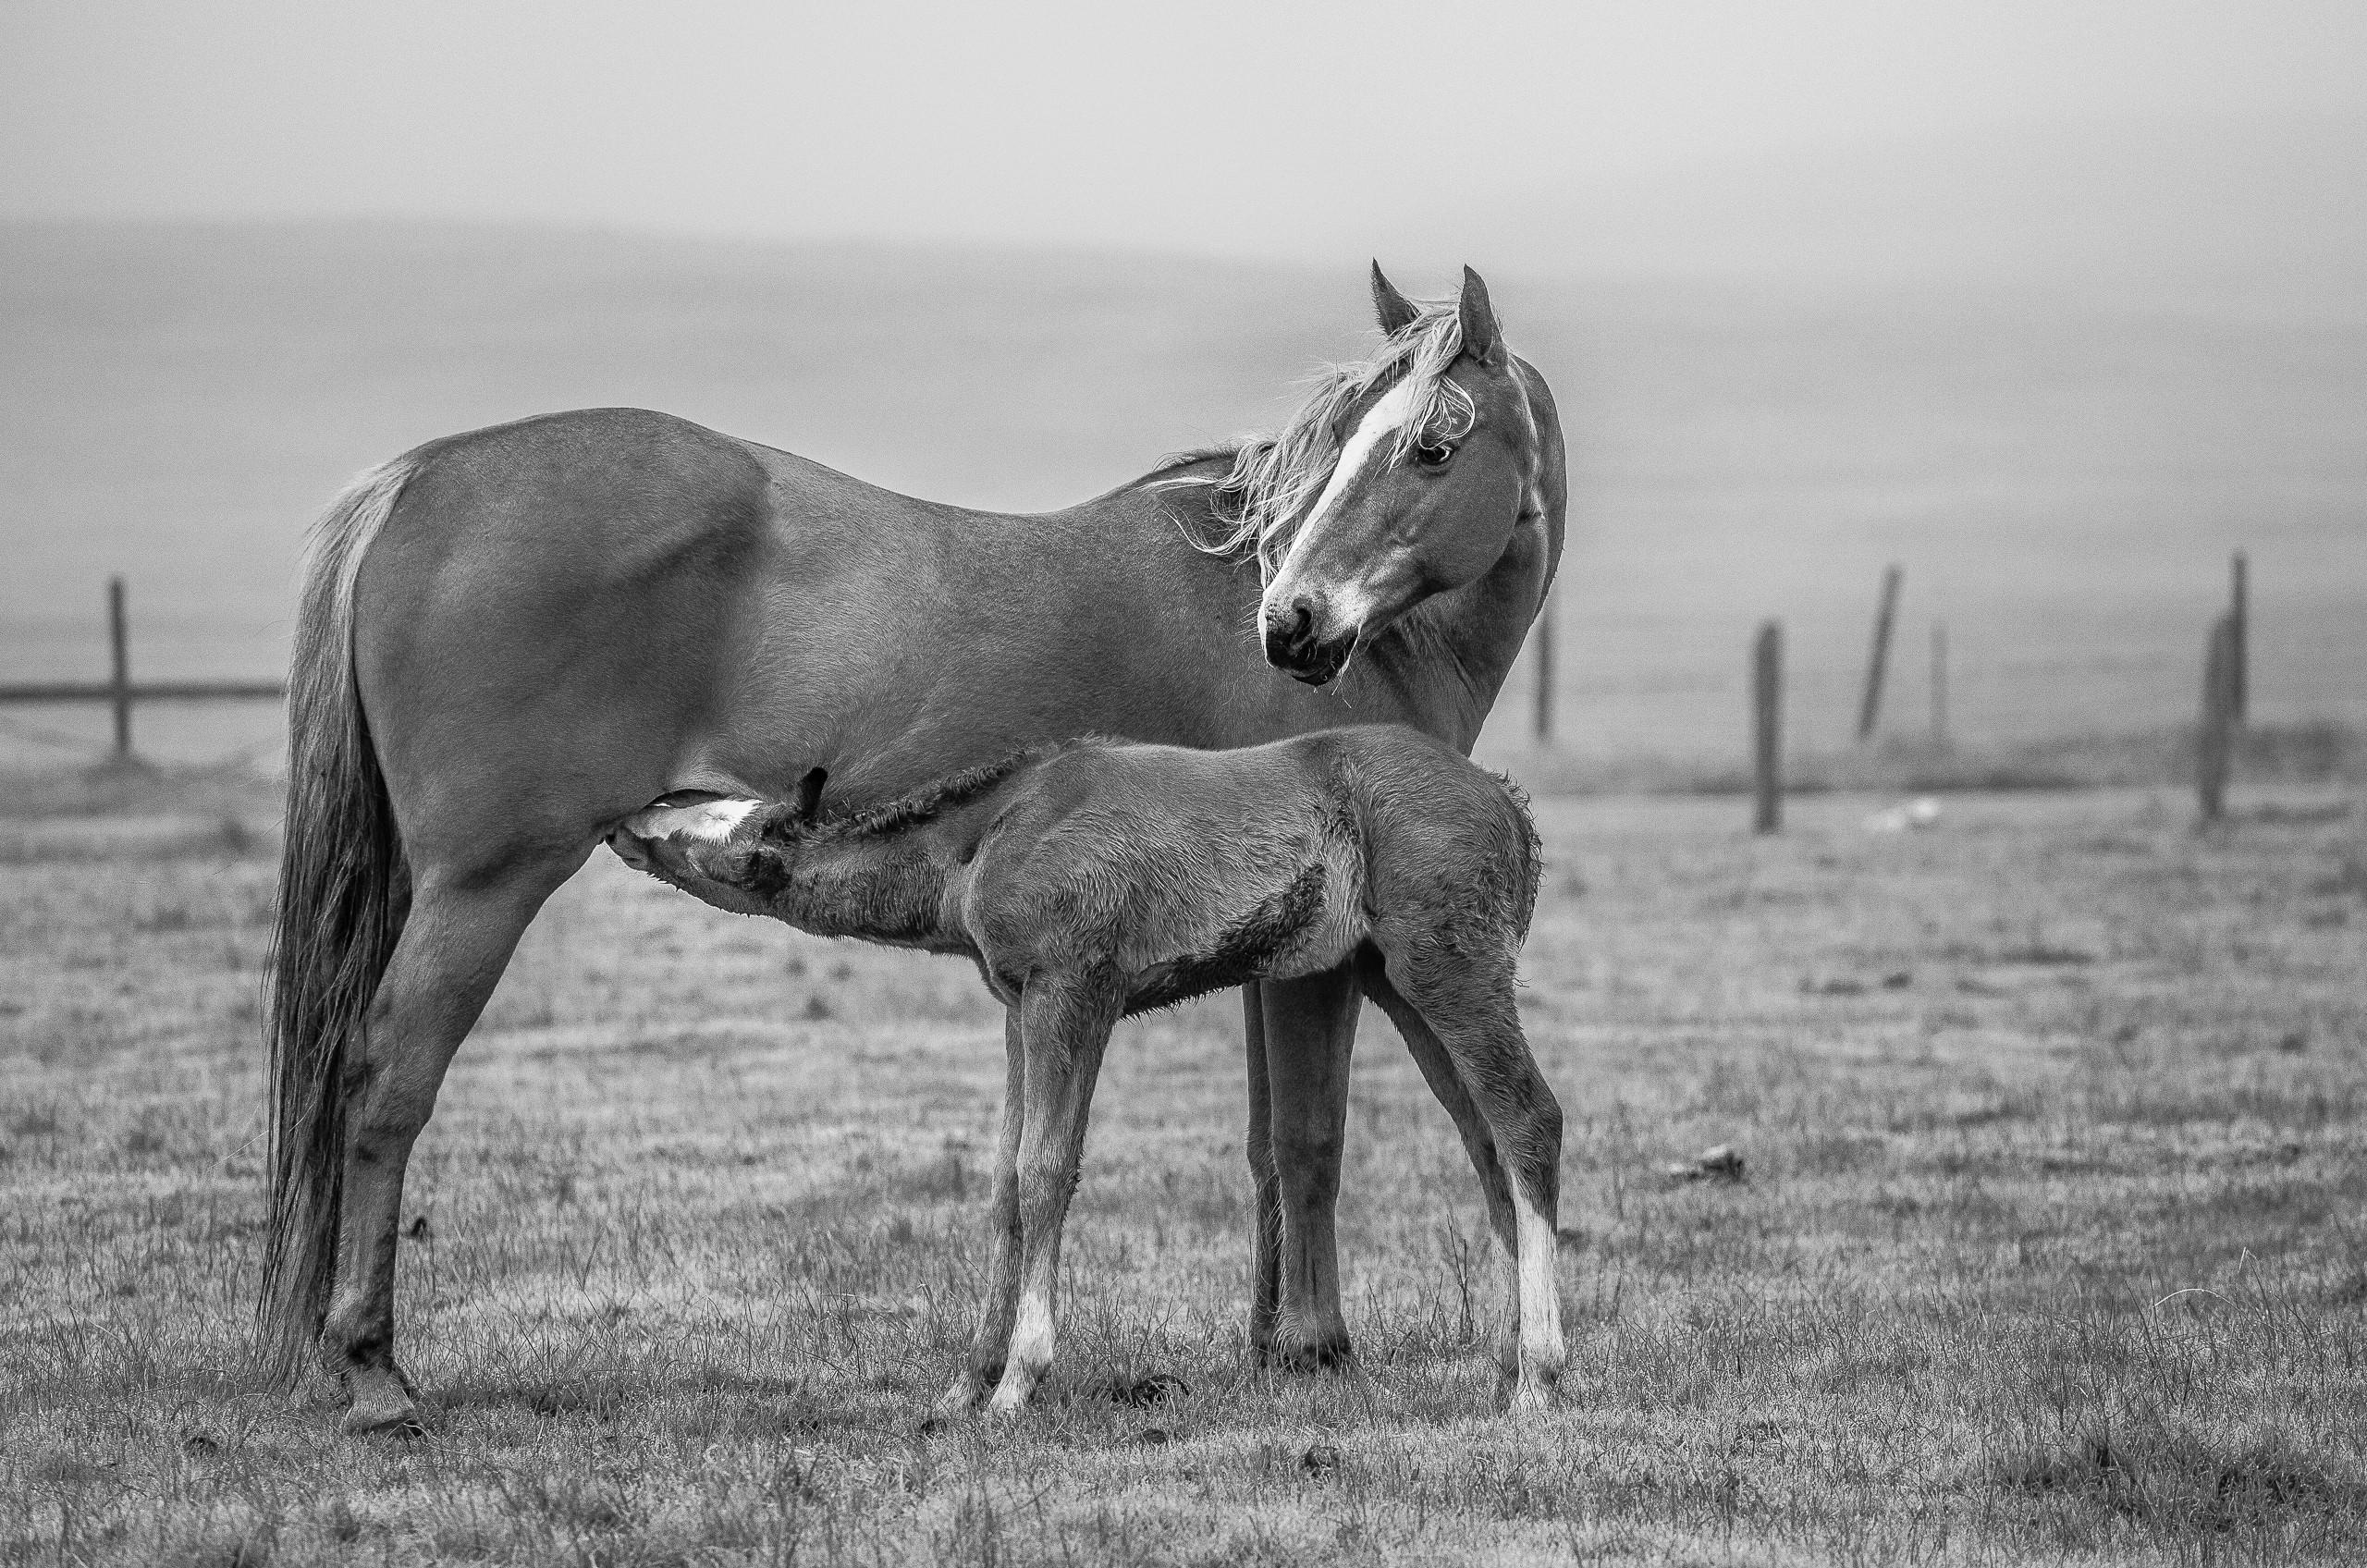 Nourishing Her Foal